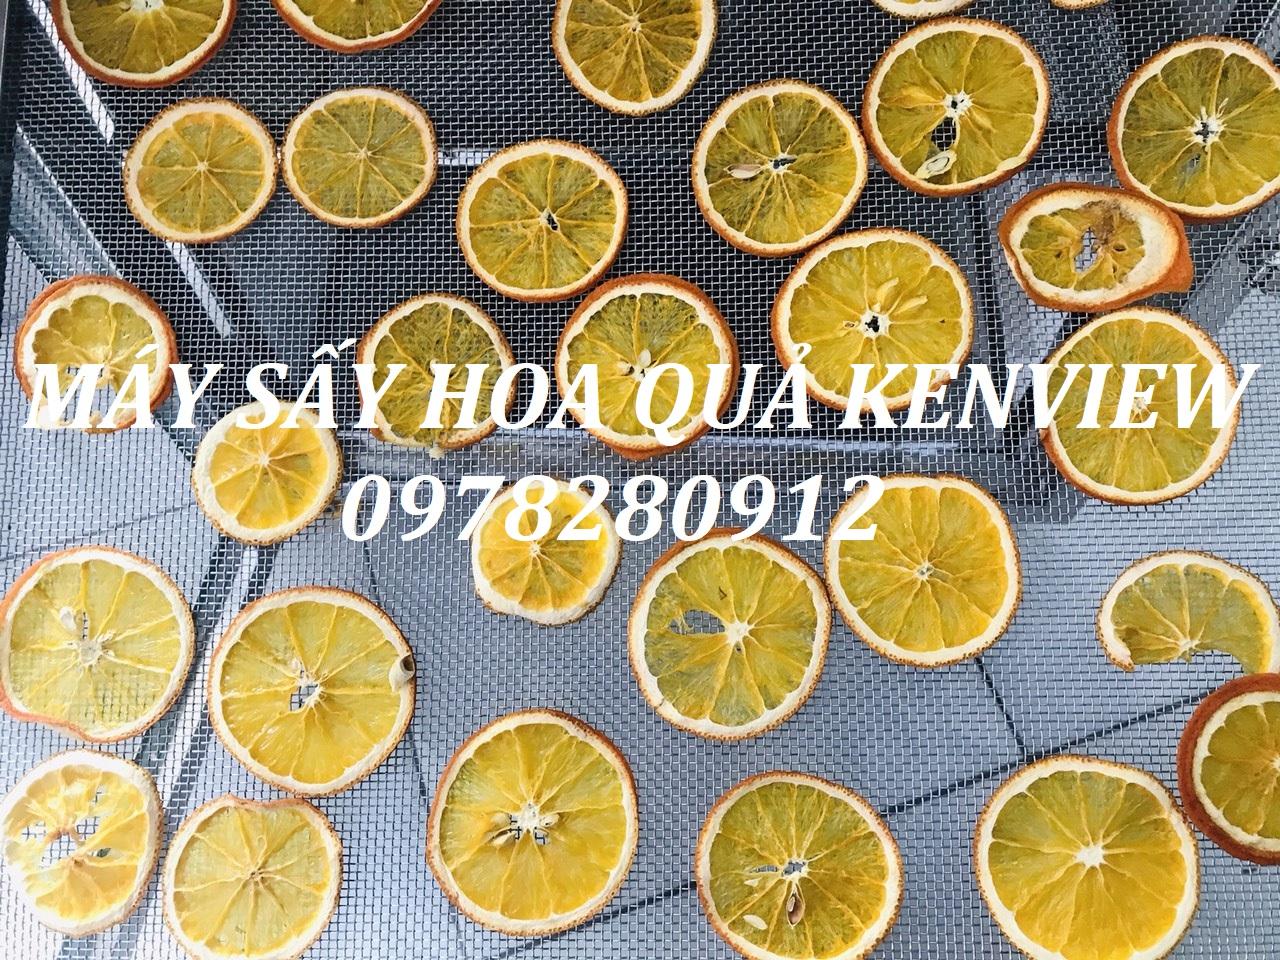 Kenview cung cấp máy sấy hoa quả mini tại quảng ninh .0978.280.912